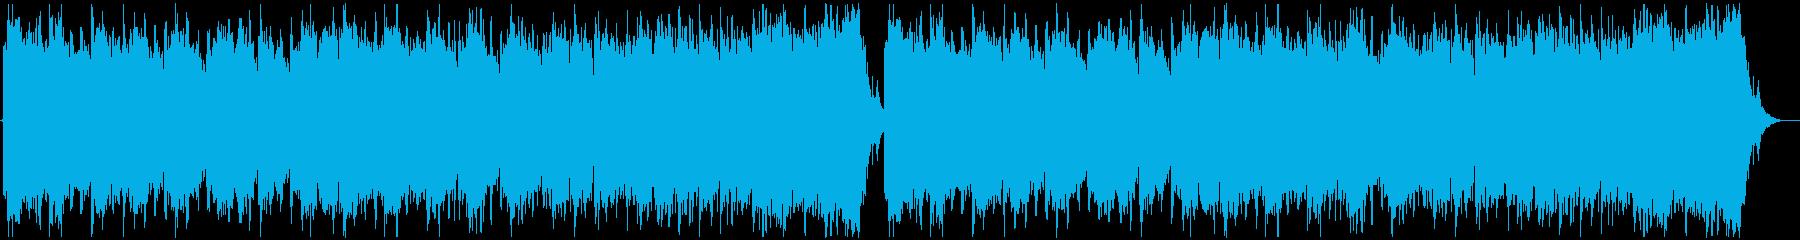 壮大なシネマティックの再生済みの波形